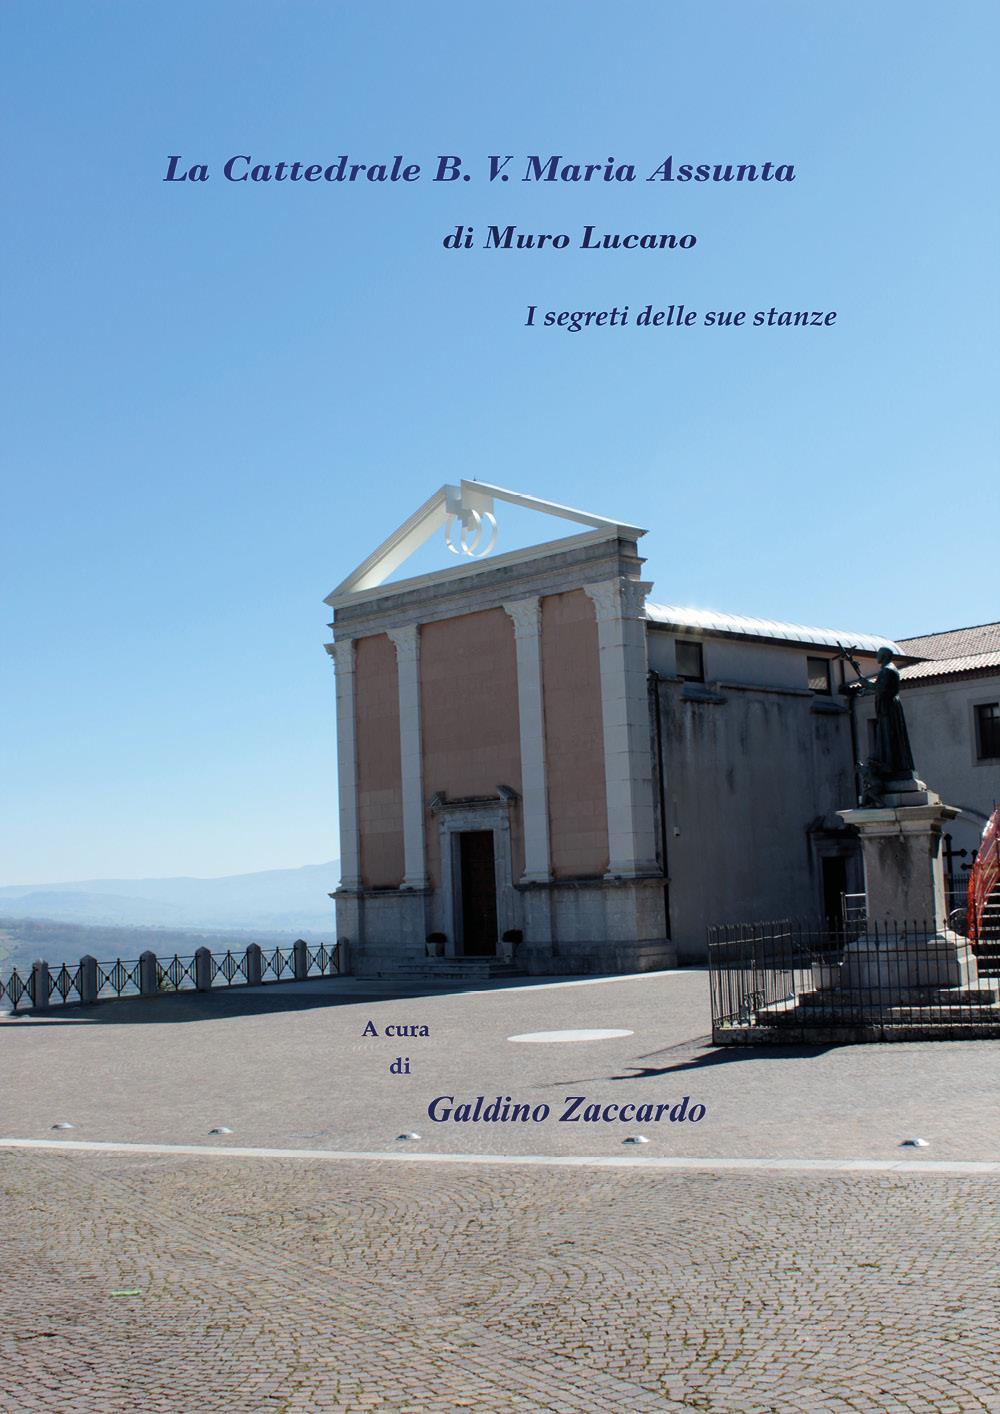 La Cattedrale B. V.  Maria Assunta di Muro Lucano - I segreti delle sue stanze